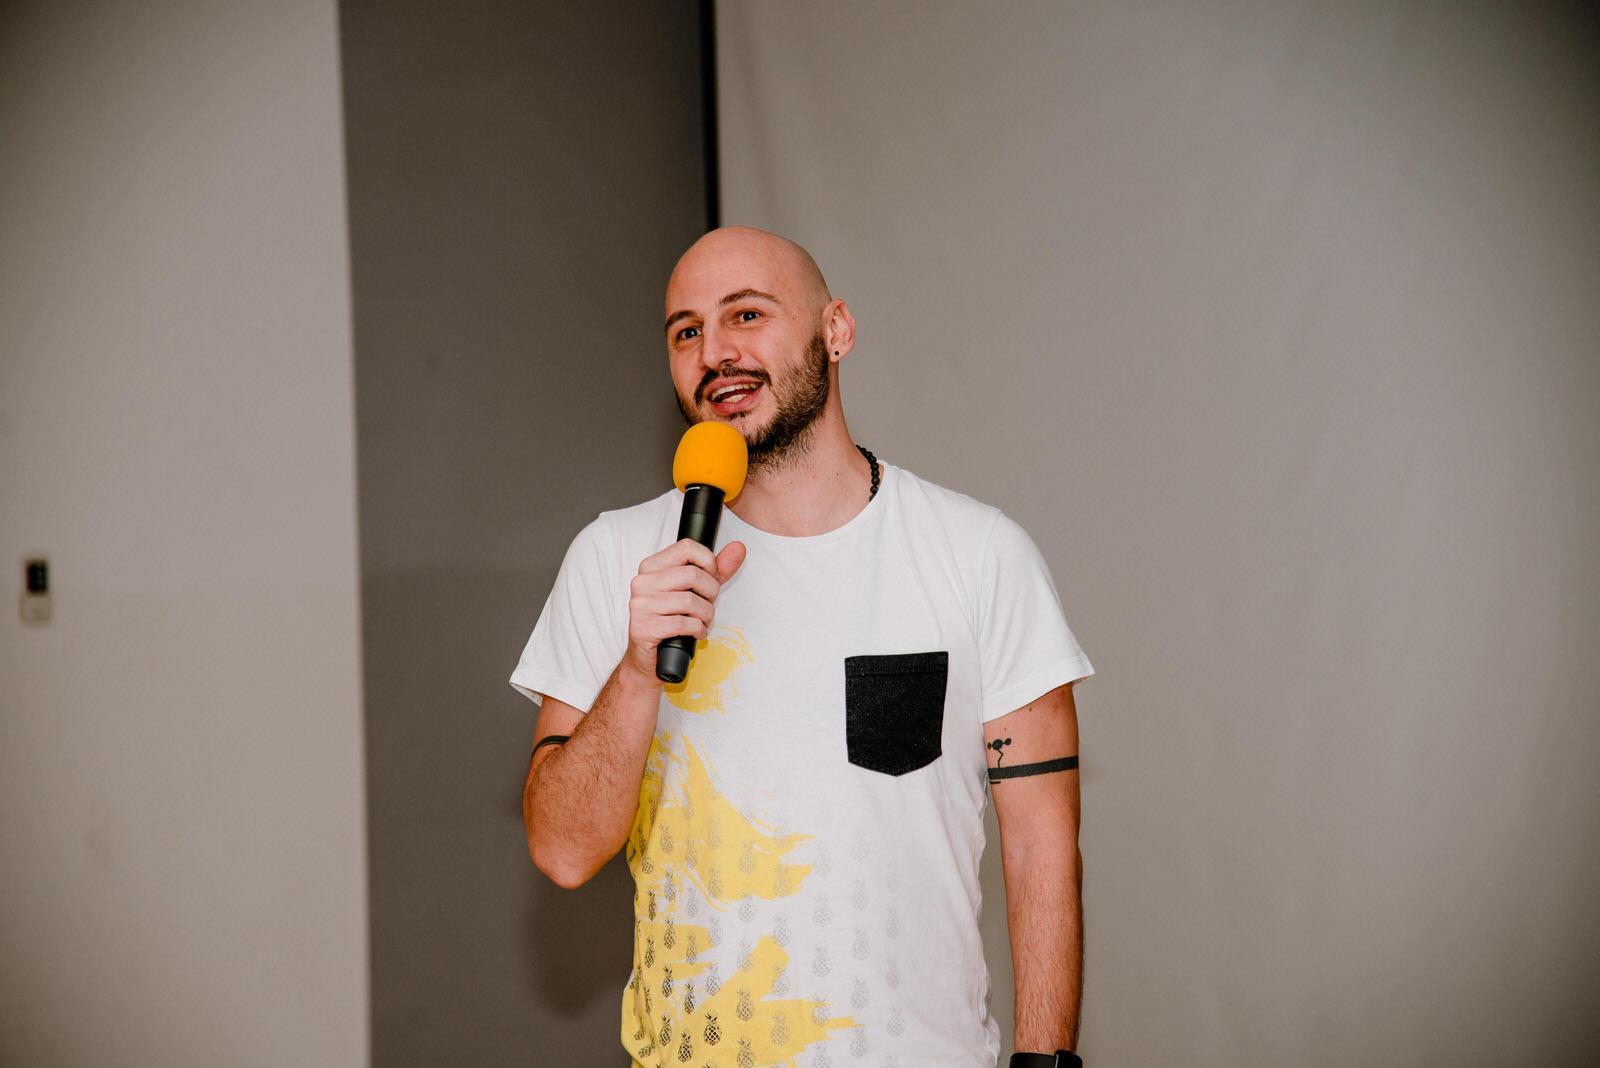 likaclub_gospić_kic_lajnap stand up_siječanj_2020 (19)